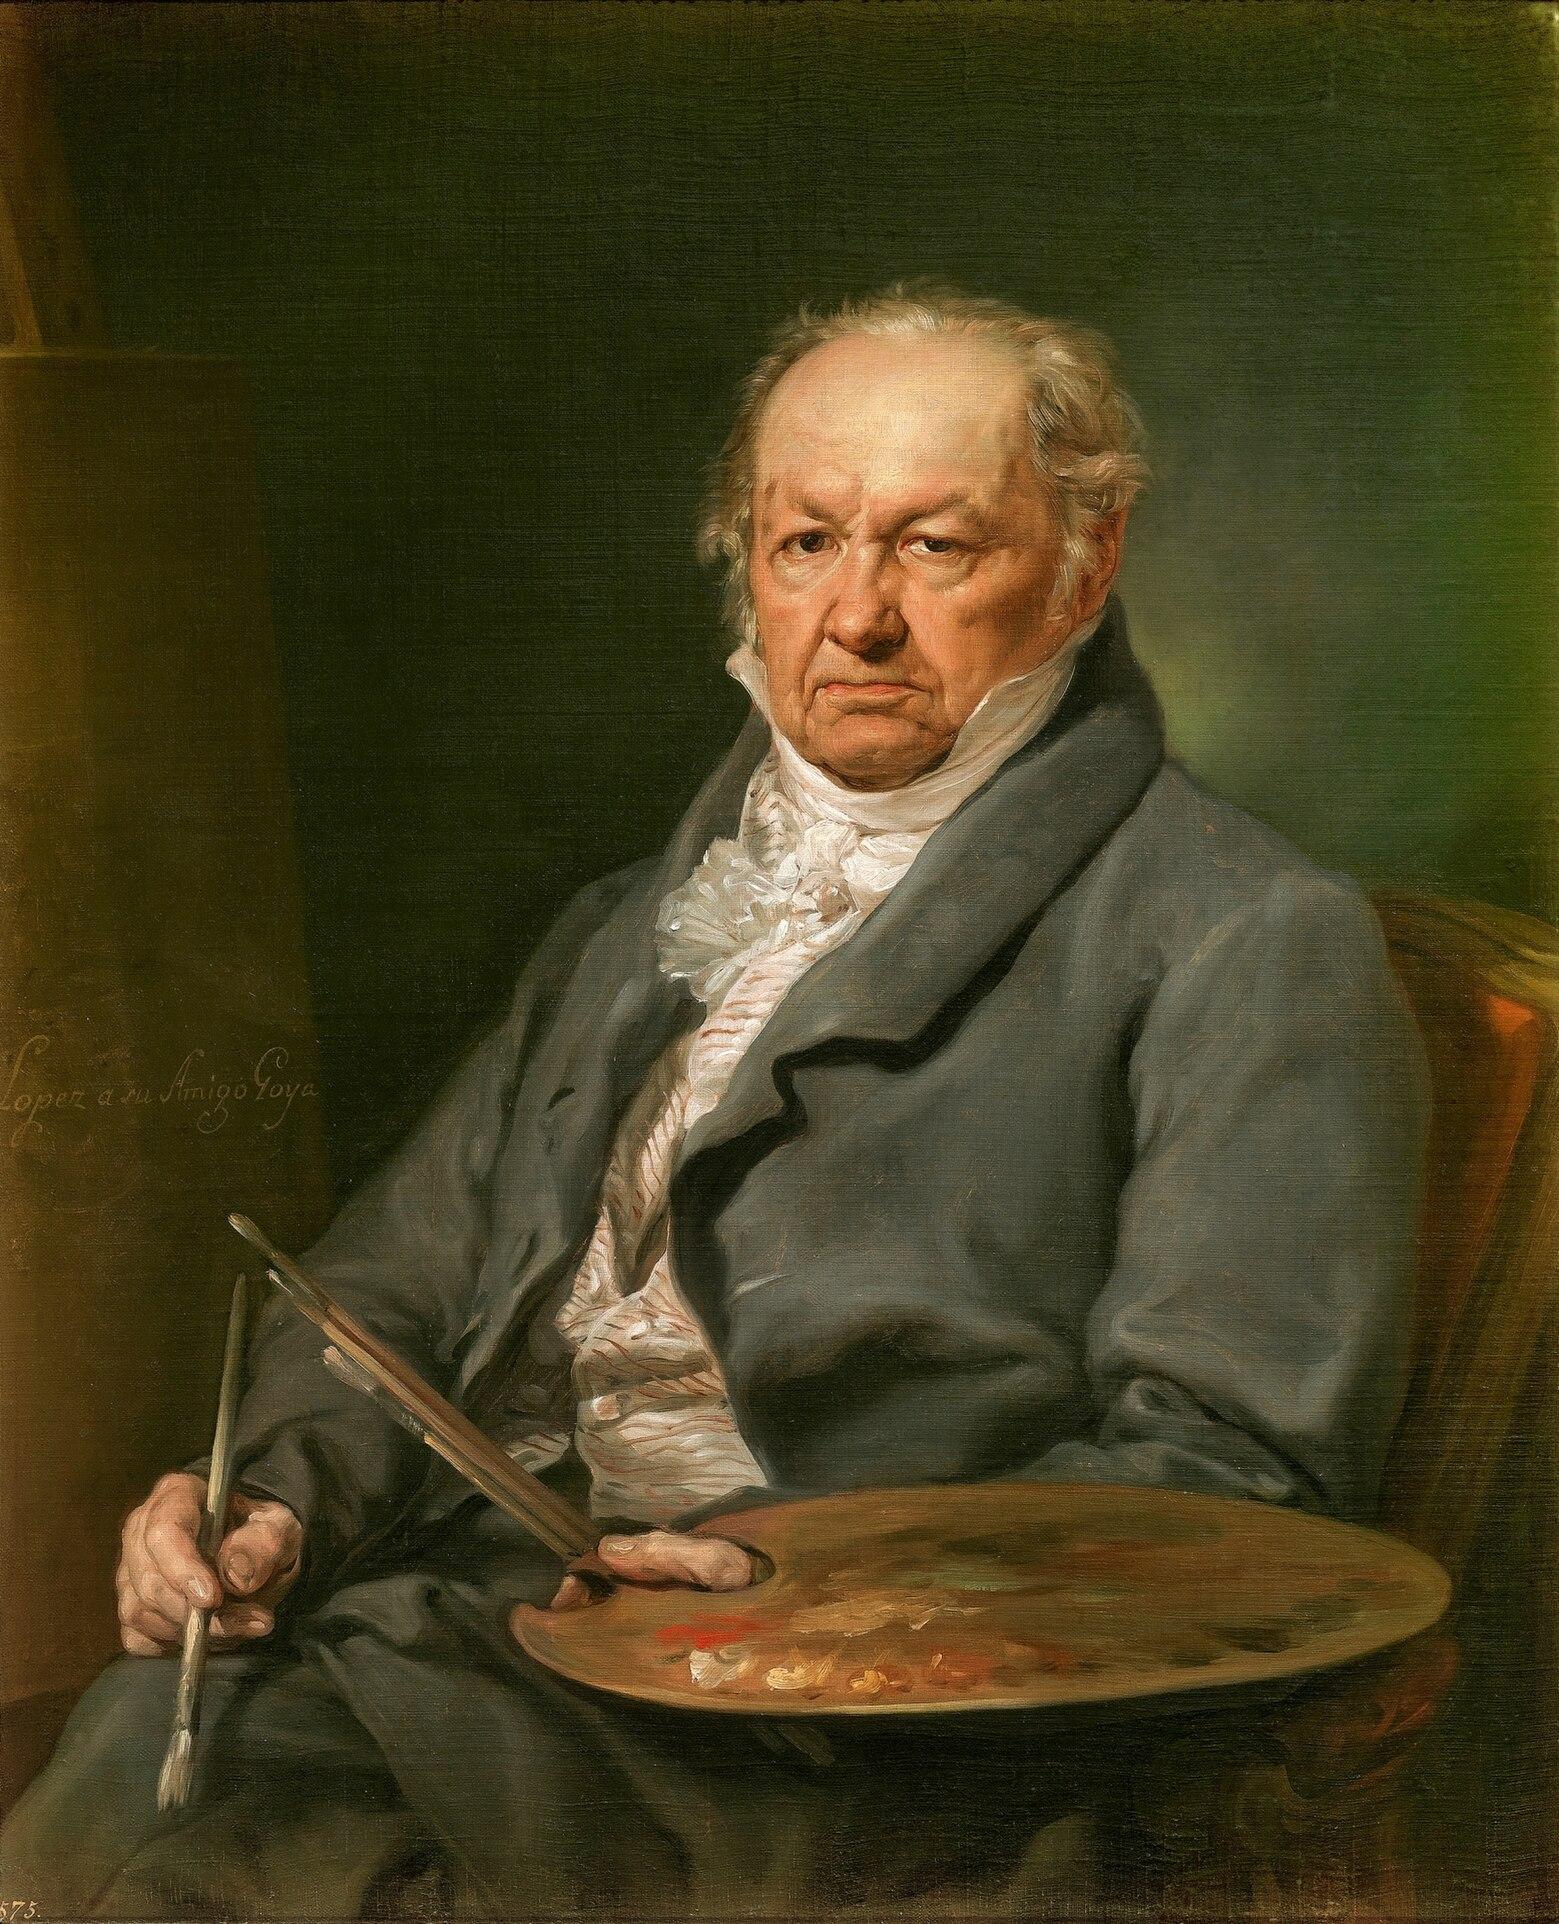 フランシスコ・デ・ゴヤ(Francisco José de Goya y Lucientes)Wikipediaより